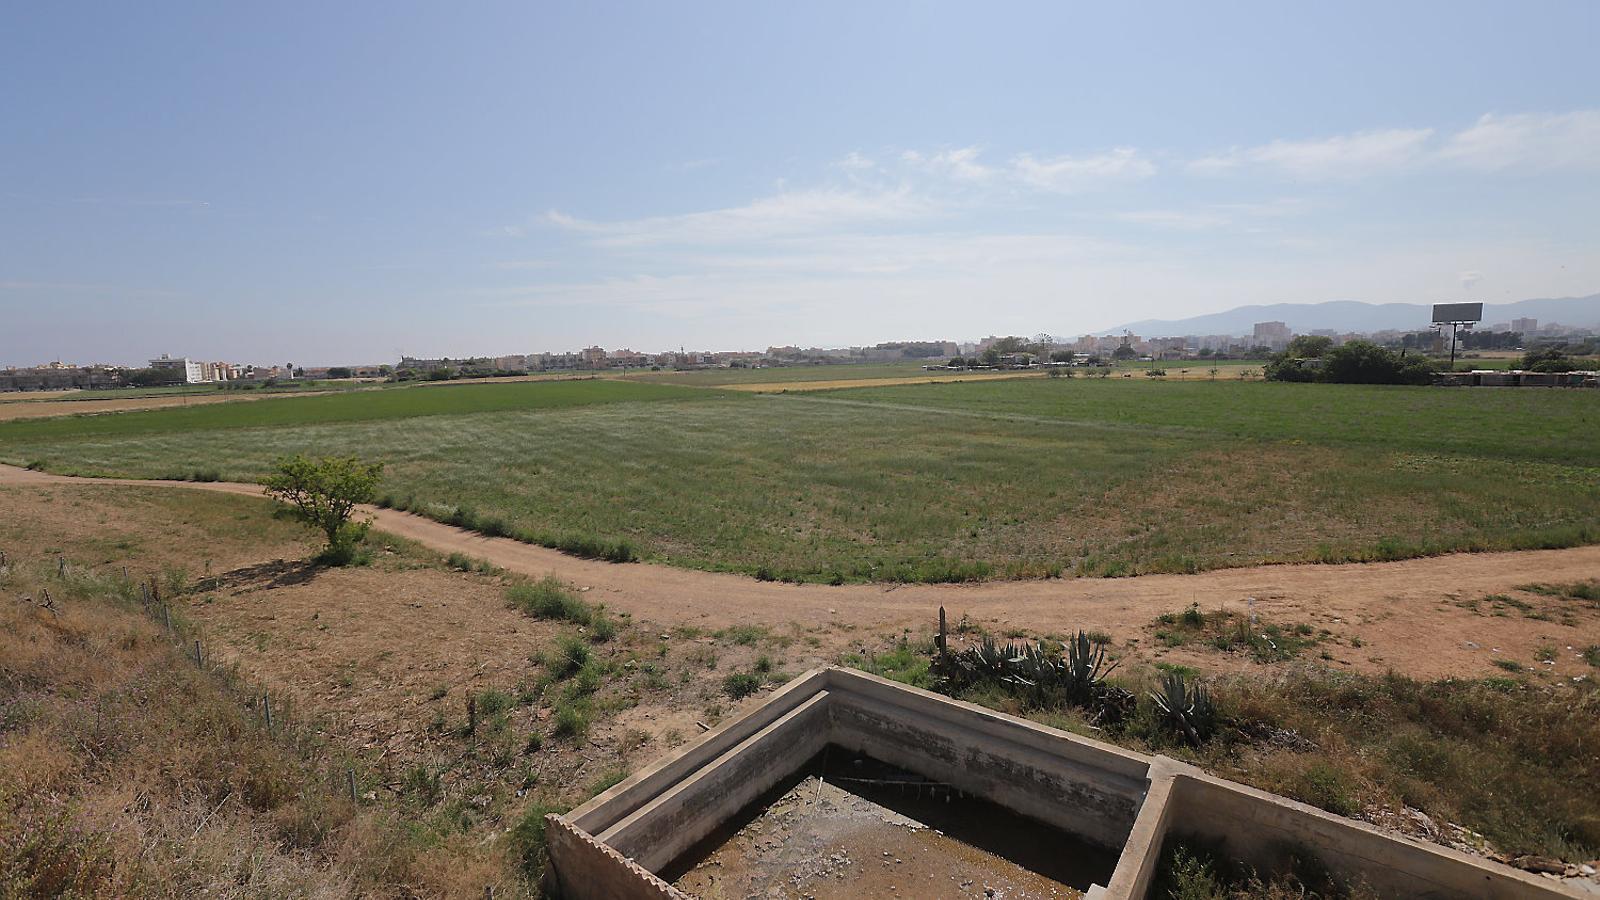 Aquests són els terrenys de Son Bordoi, una Reserva Estratègica de Sòl que el Govern vol urbanitzar.